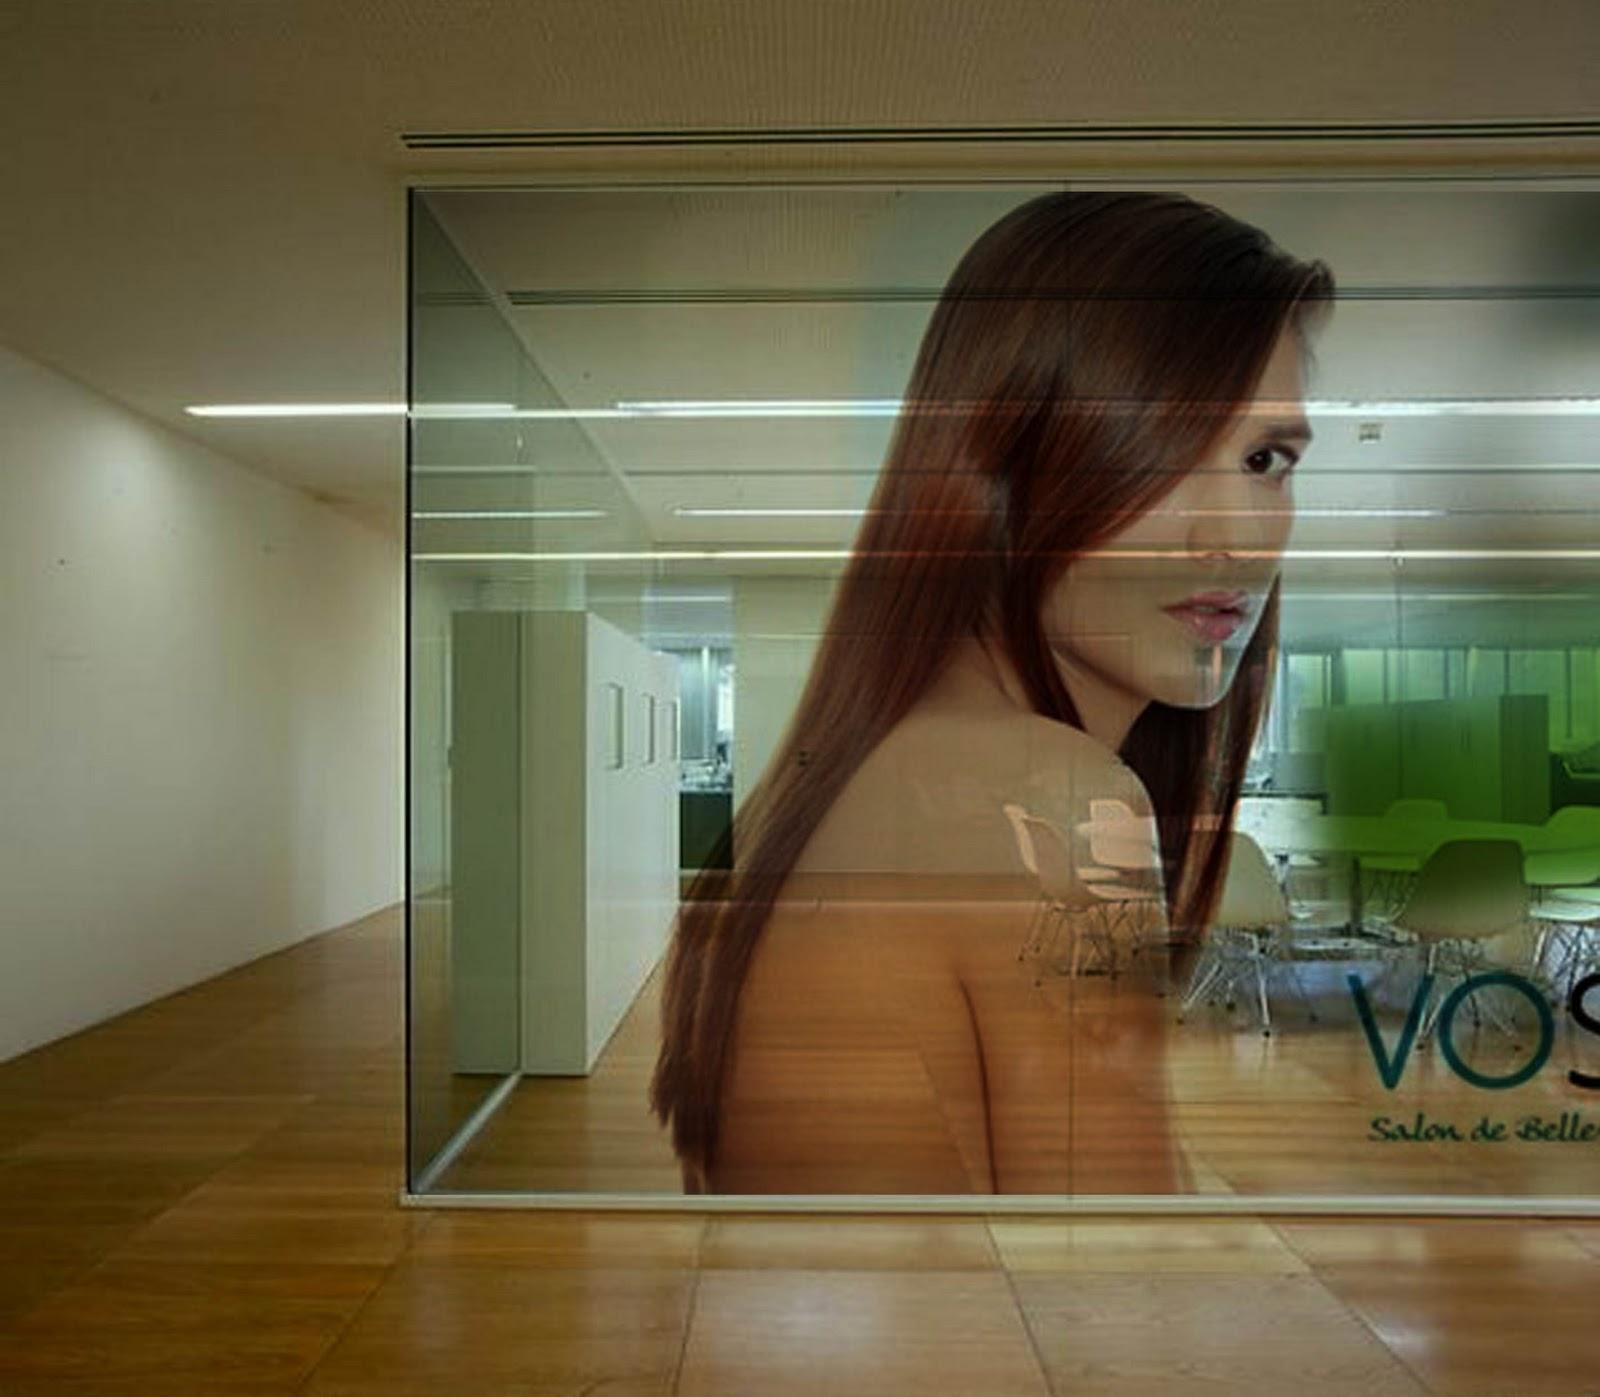 Agencia wtc vinil transparente en vidrio - Vinilos para vidrio ...